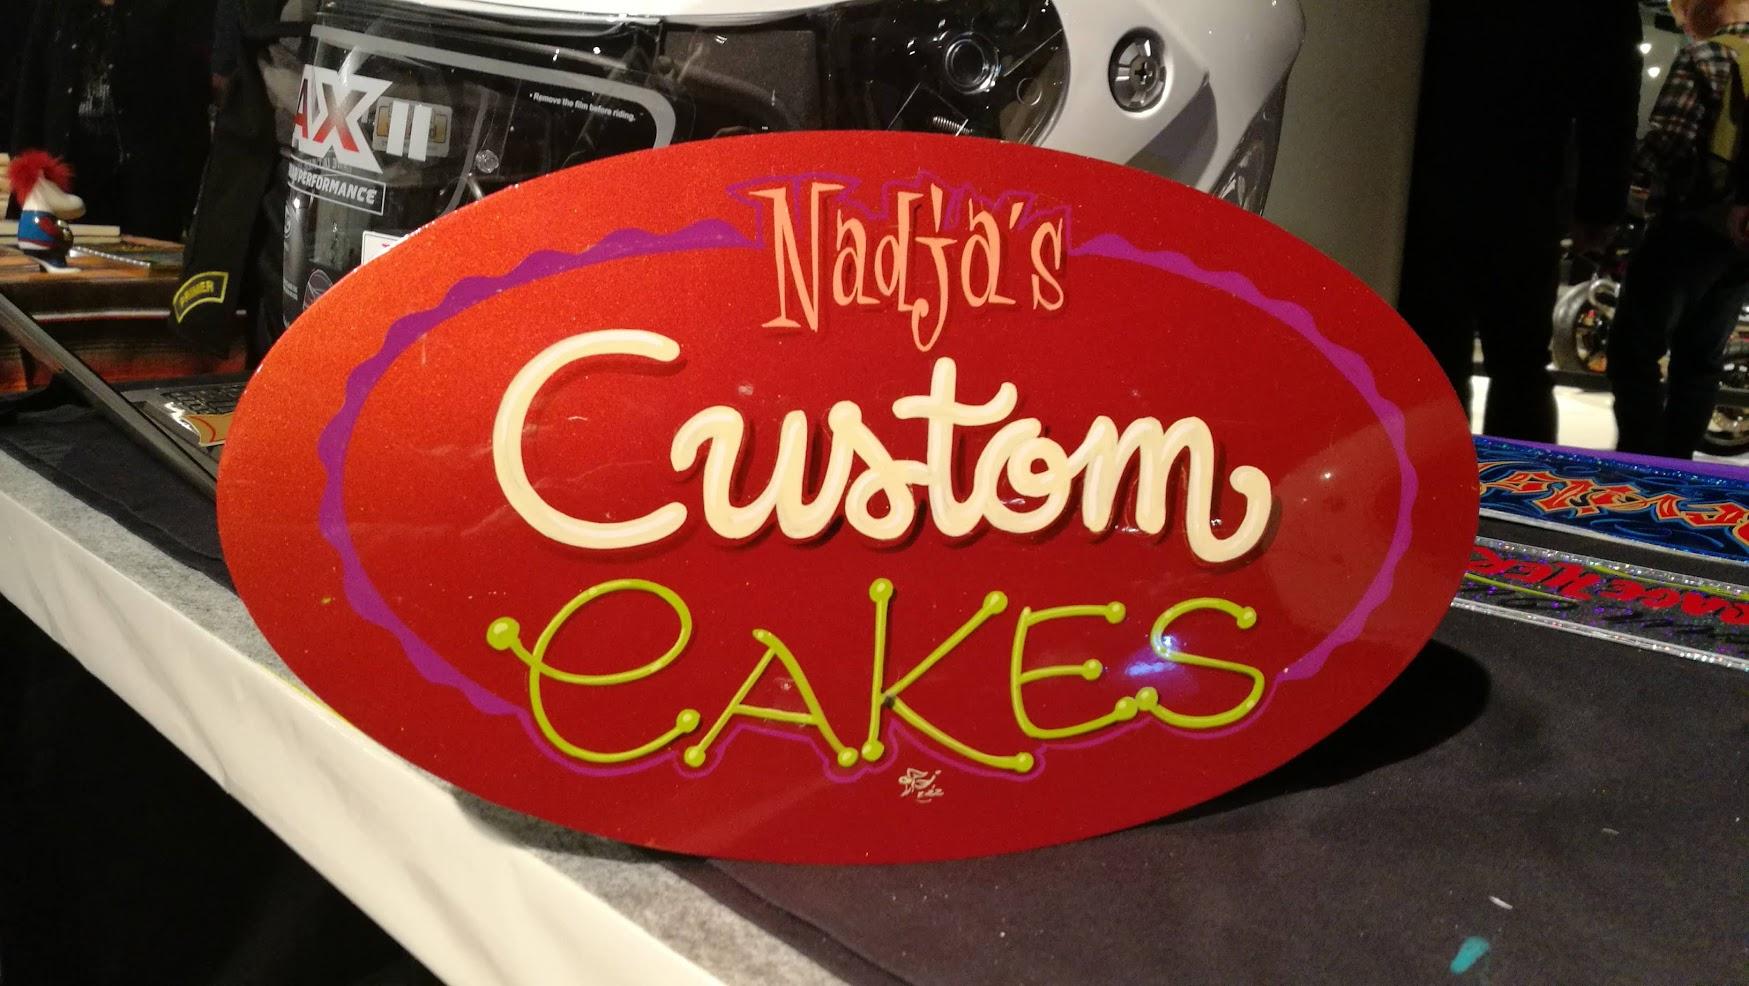 Nadja's Custom Cakes